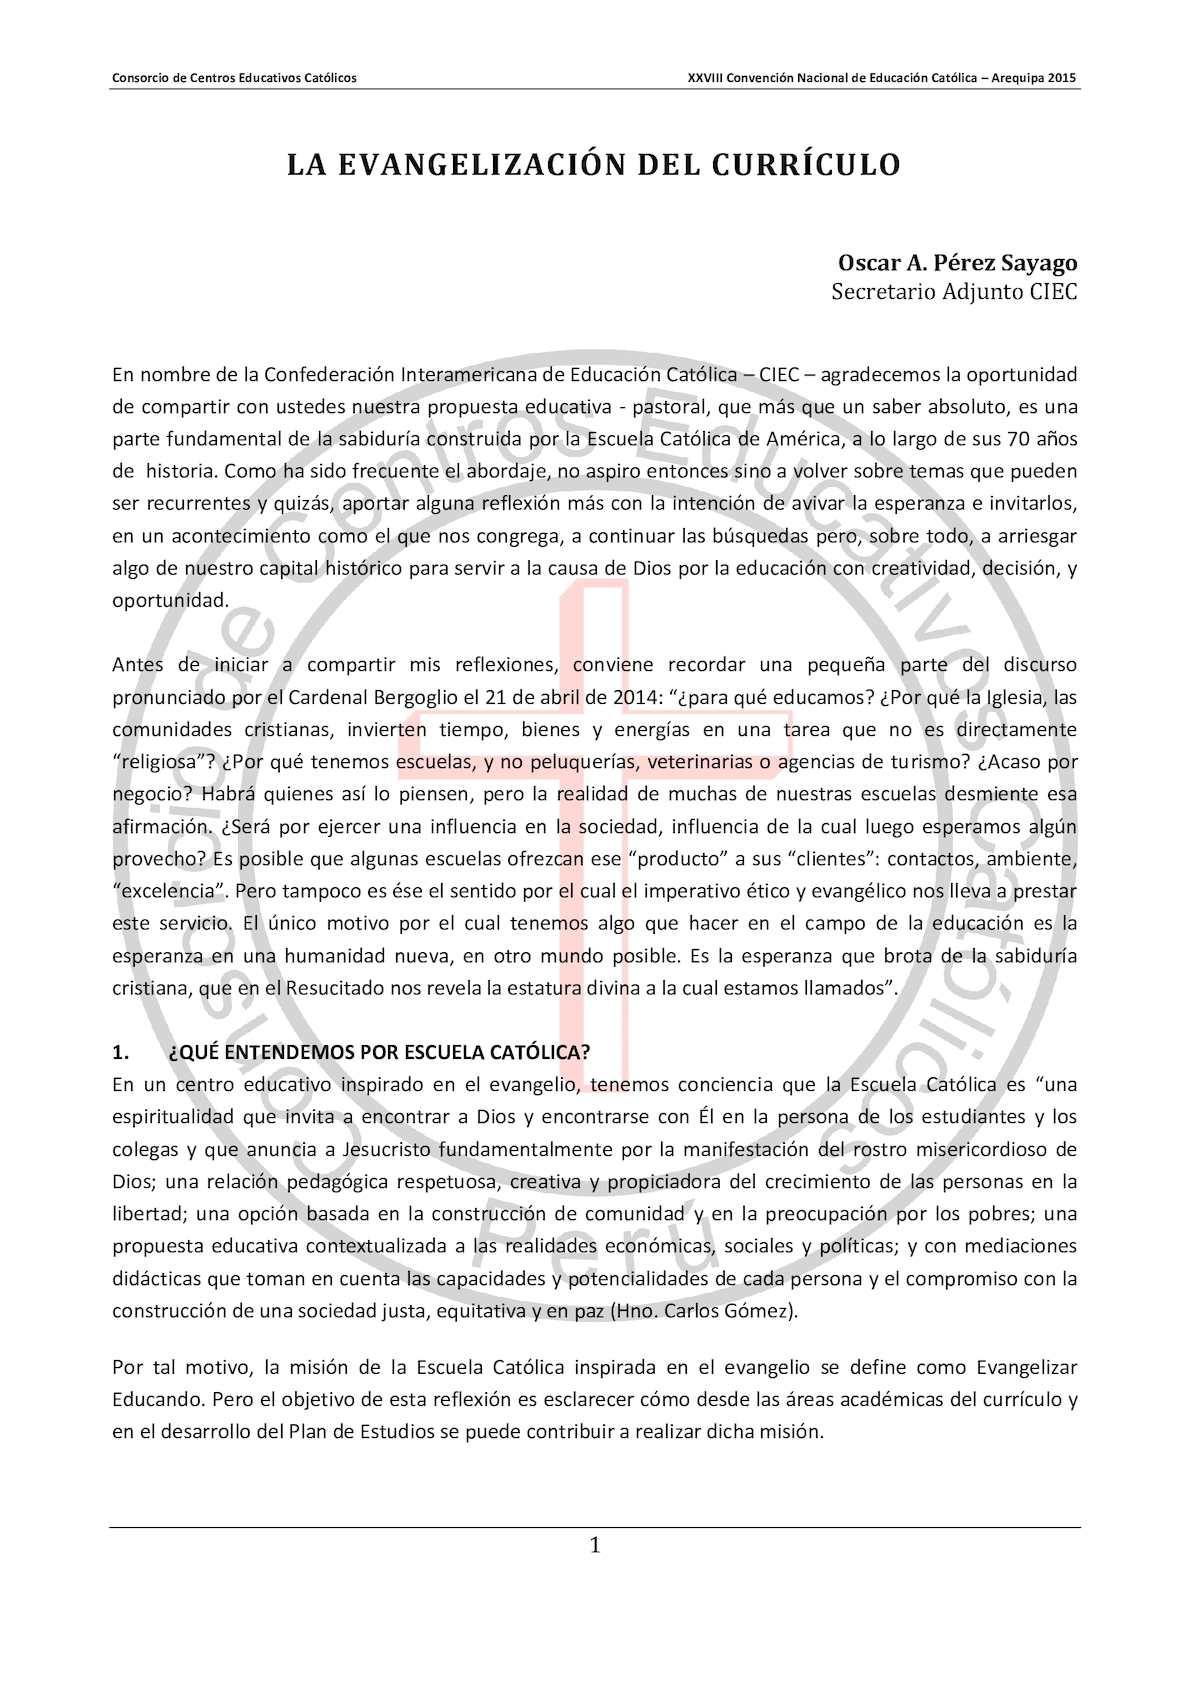 Calaméo - PONENCIA III - LA EVANGELIZACIÓN DEL CURRÍCULO